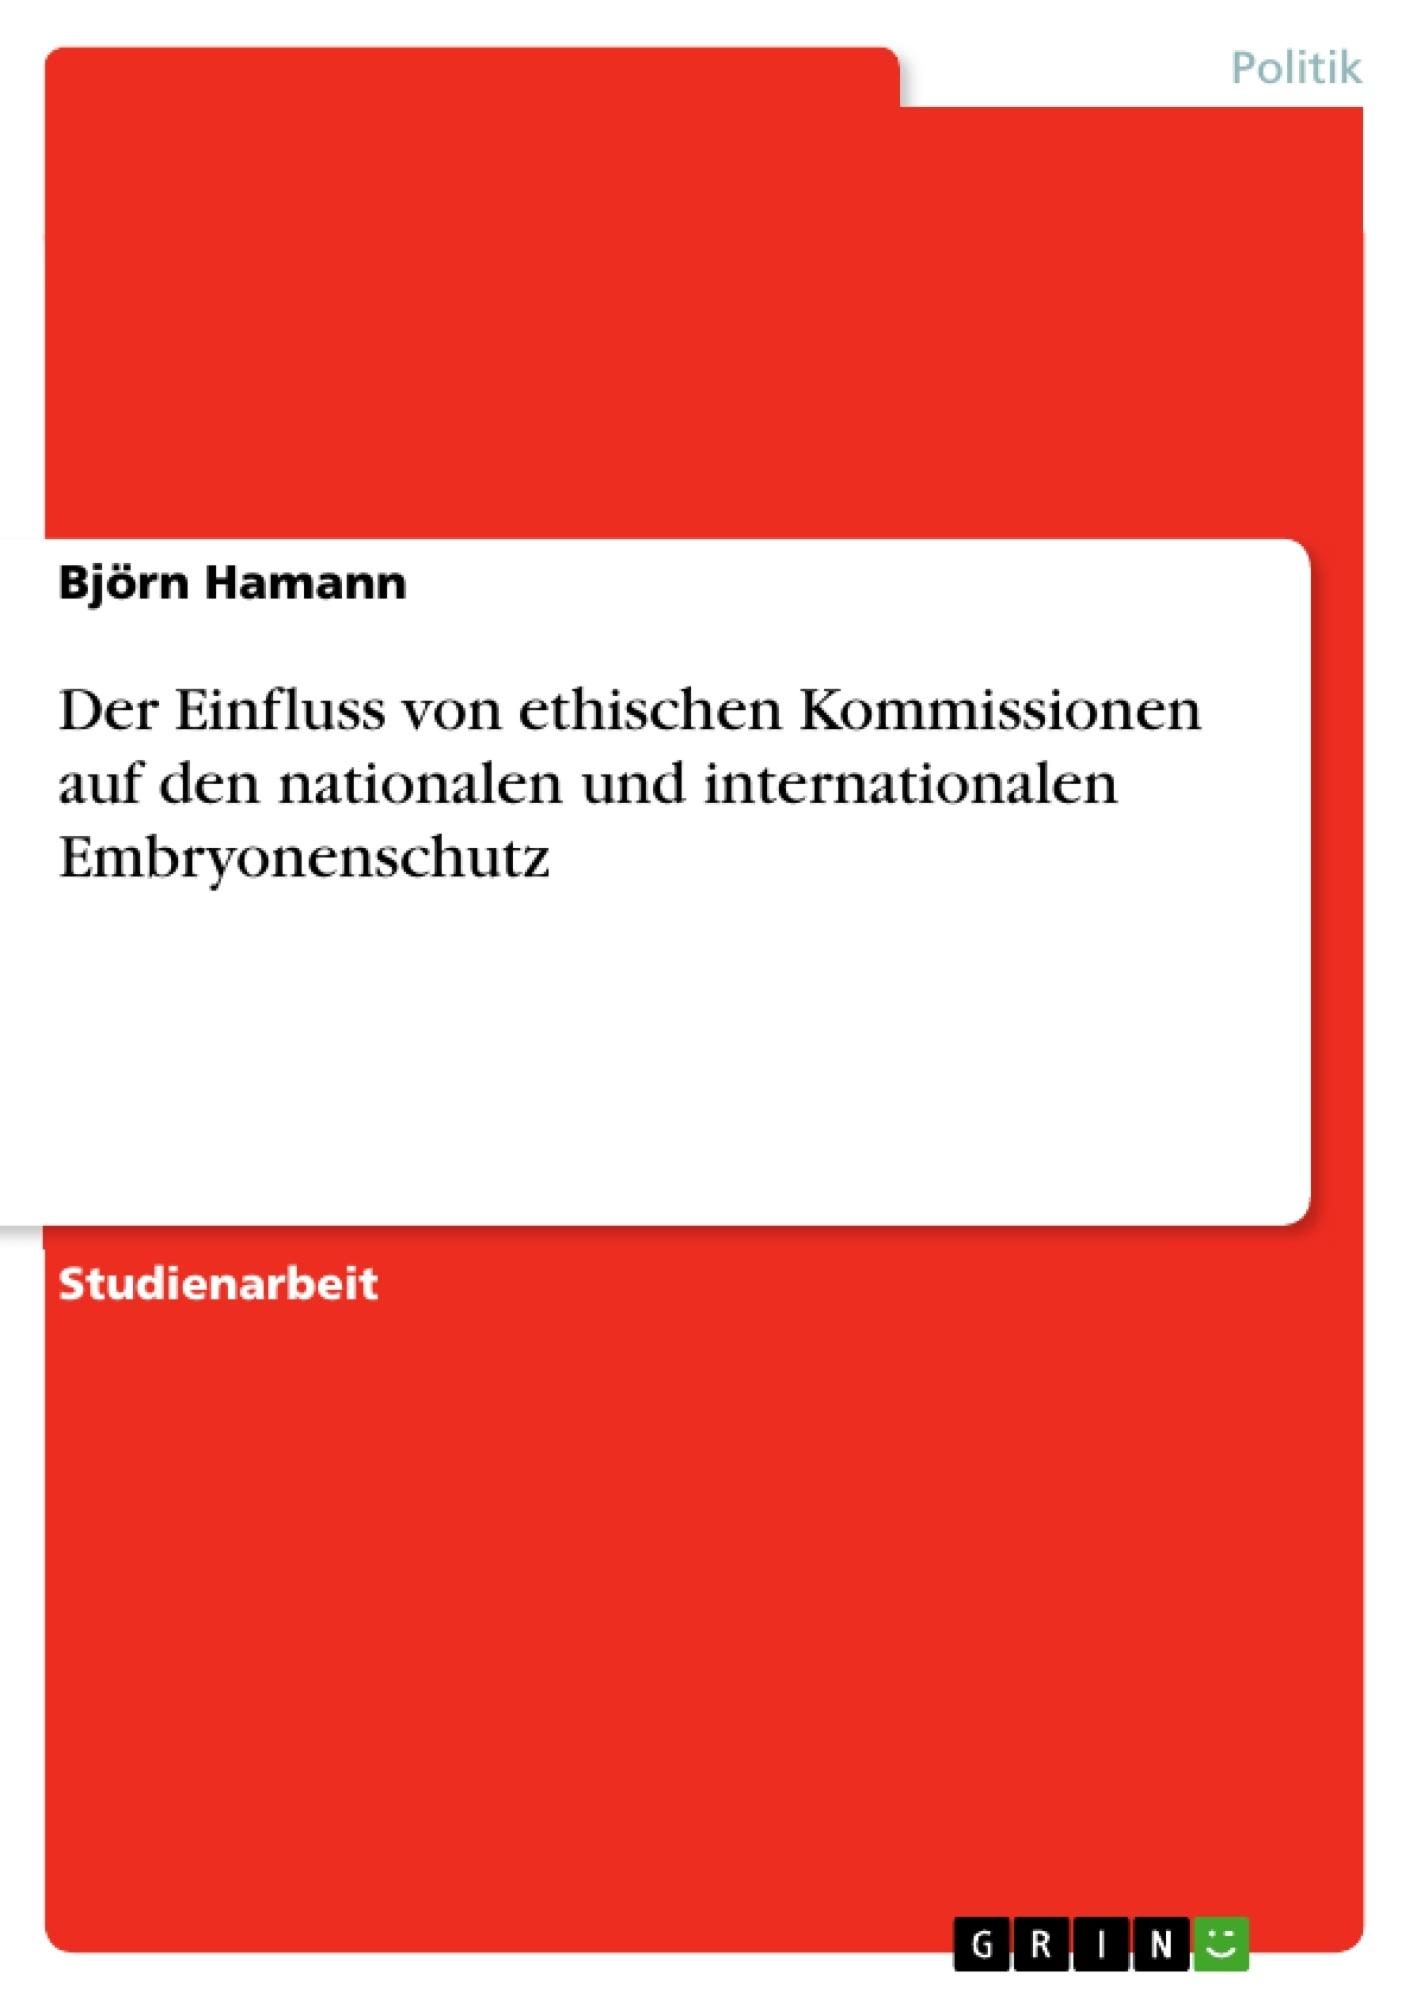 Titel: Der Einfluss von ethischen Kommissionen auf den nationalen und internationalen Embryonenschutz